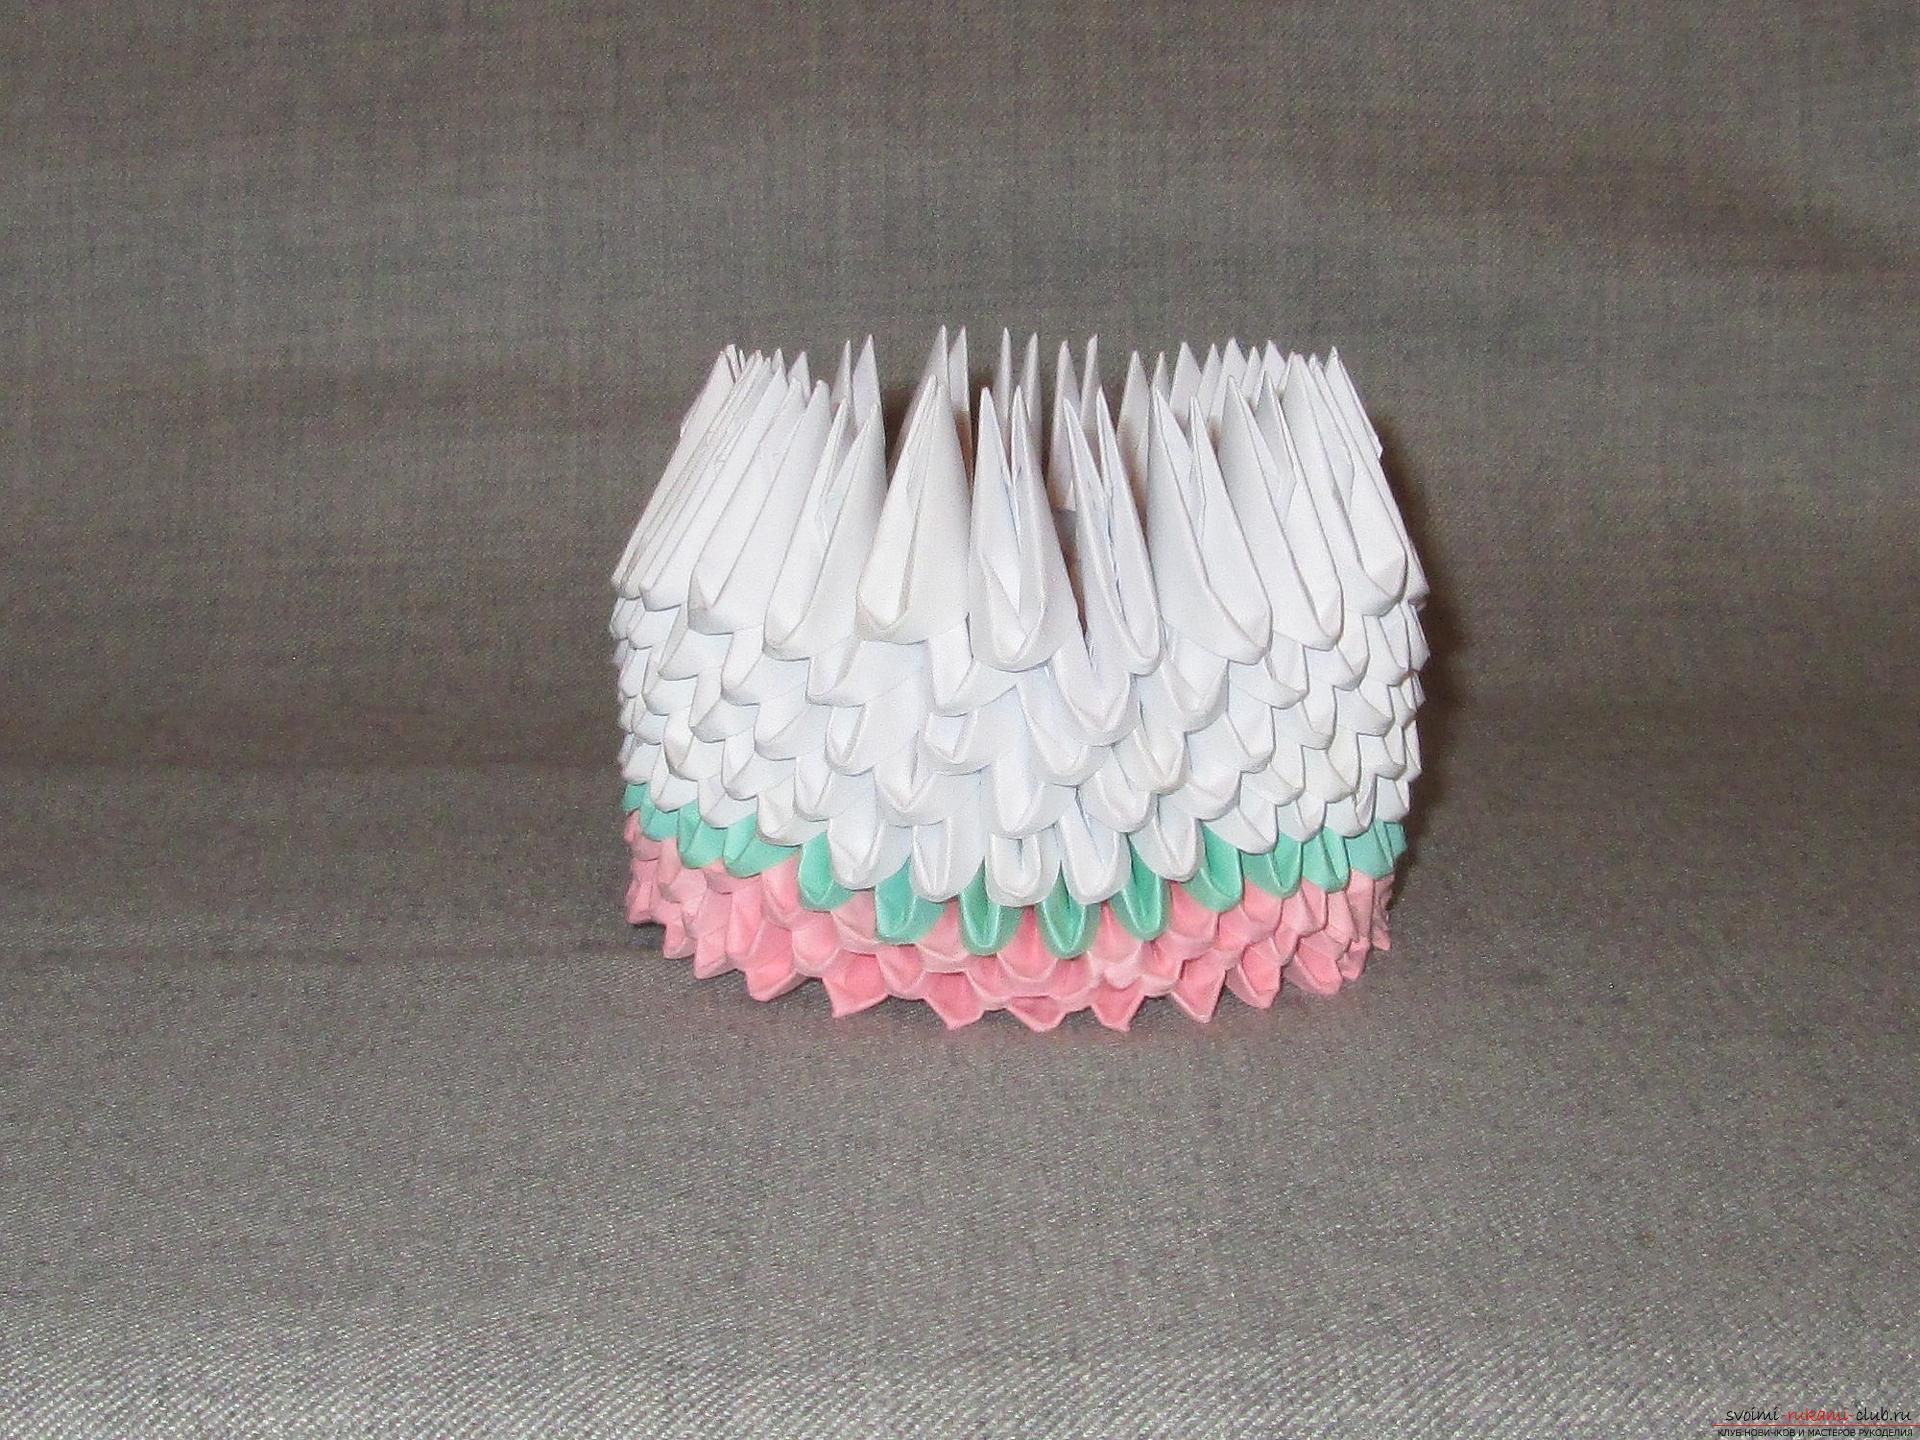 Наш мастер-класс покажет как сделать оригами из модулей, получится космическая ракета своими руками.. Фото №5